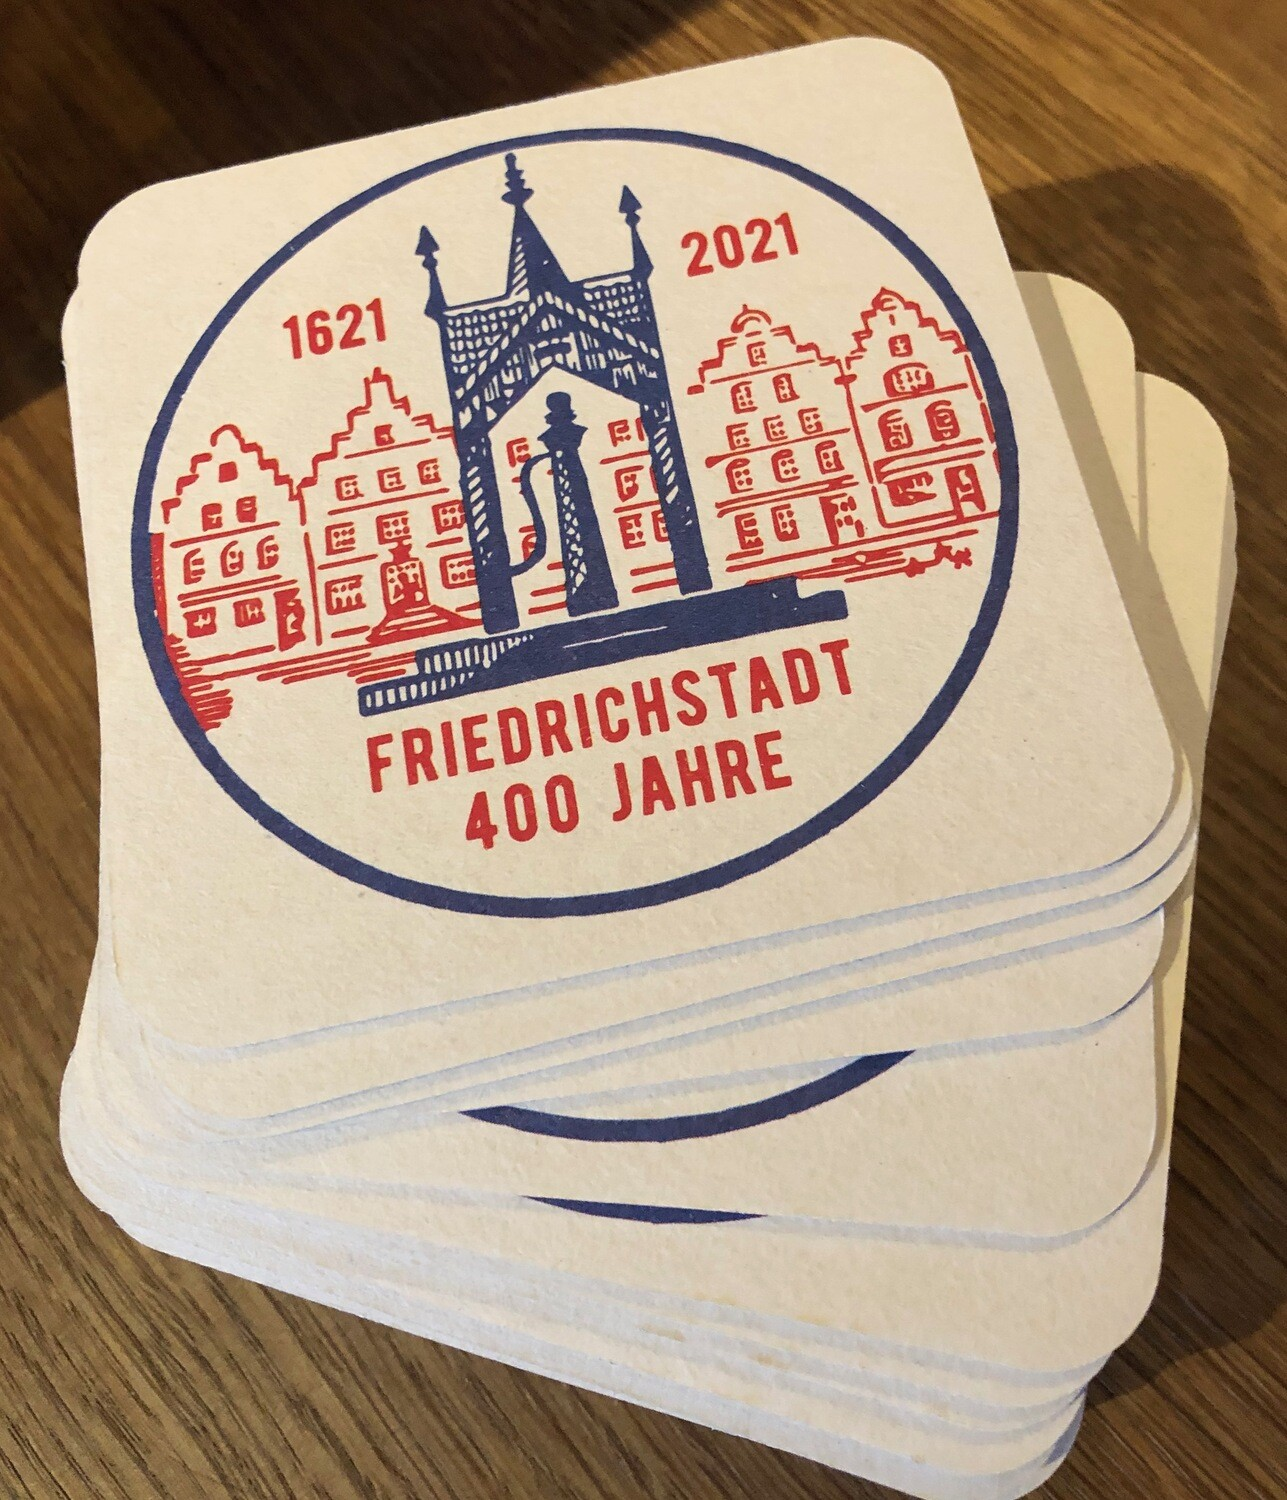 15 x Bierdeckel 400 Jahre Friedrichstadt